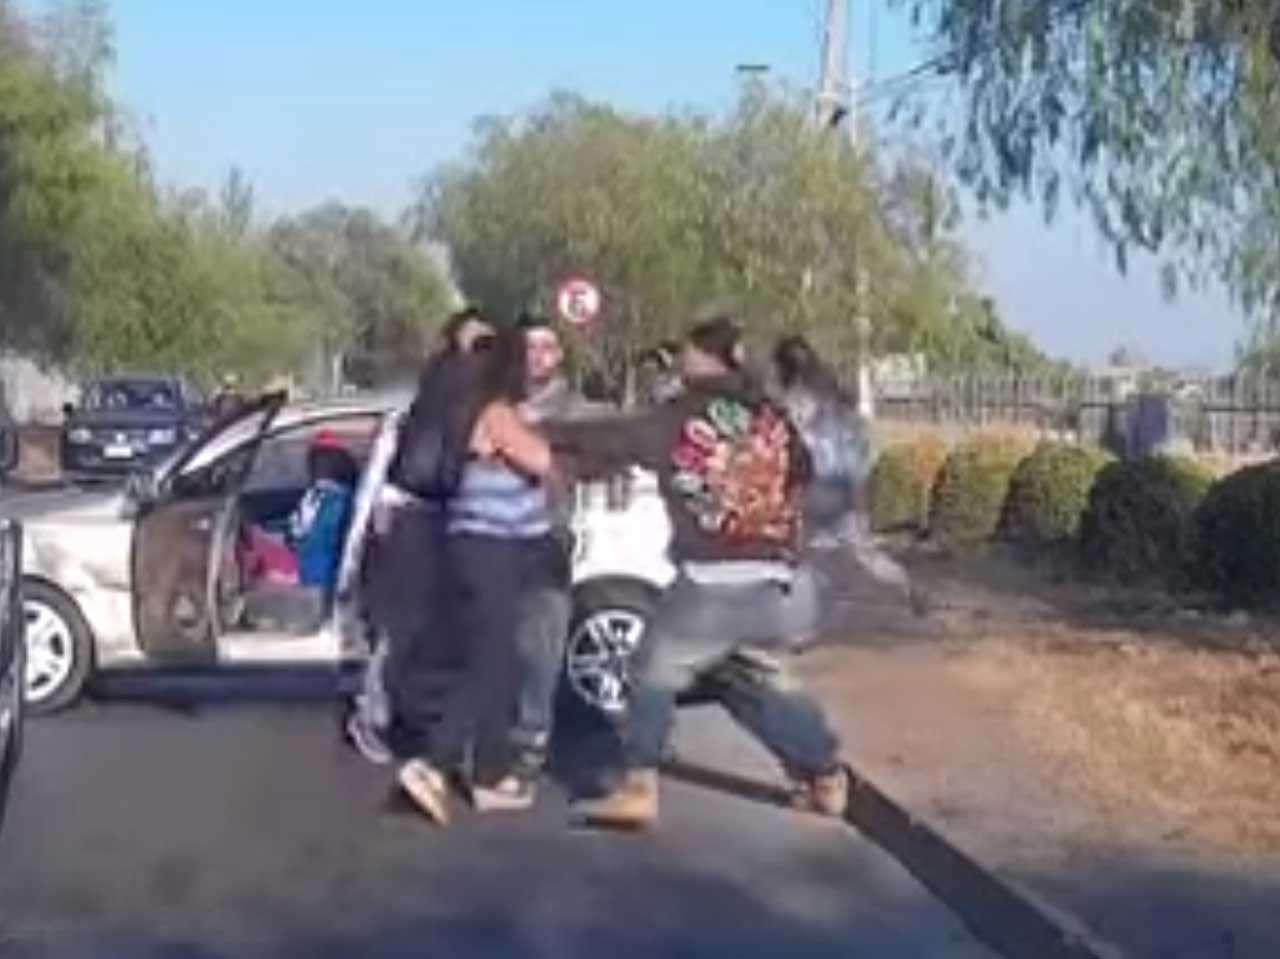 Los pasajeros de un auto golpean salvajemente a unas mujeres tras un choque en una carretera chilena, 21 de febrero de 2015. Foto: Reproducción